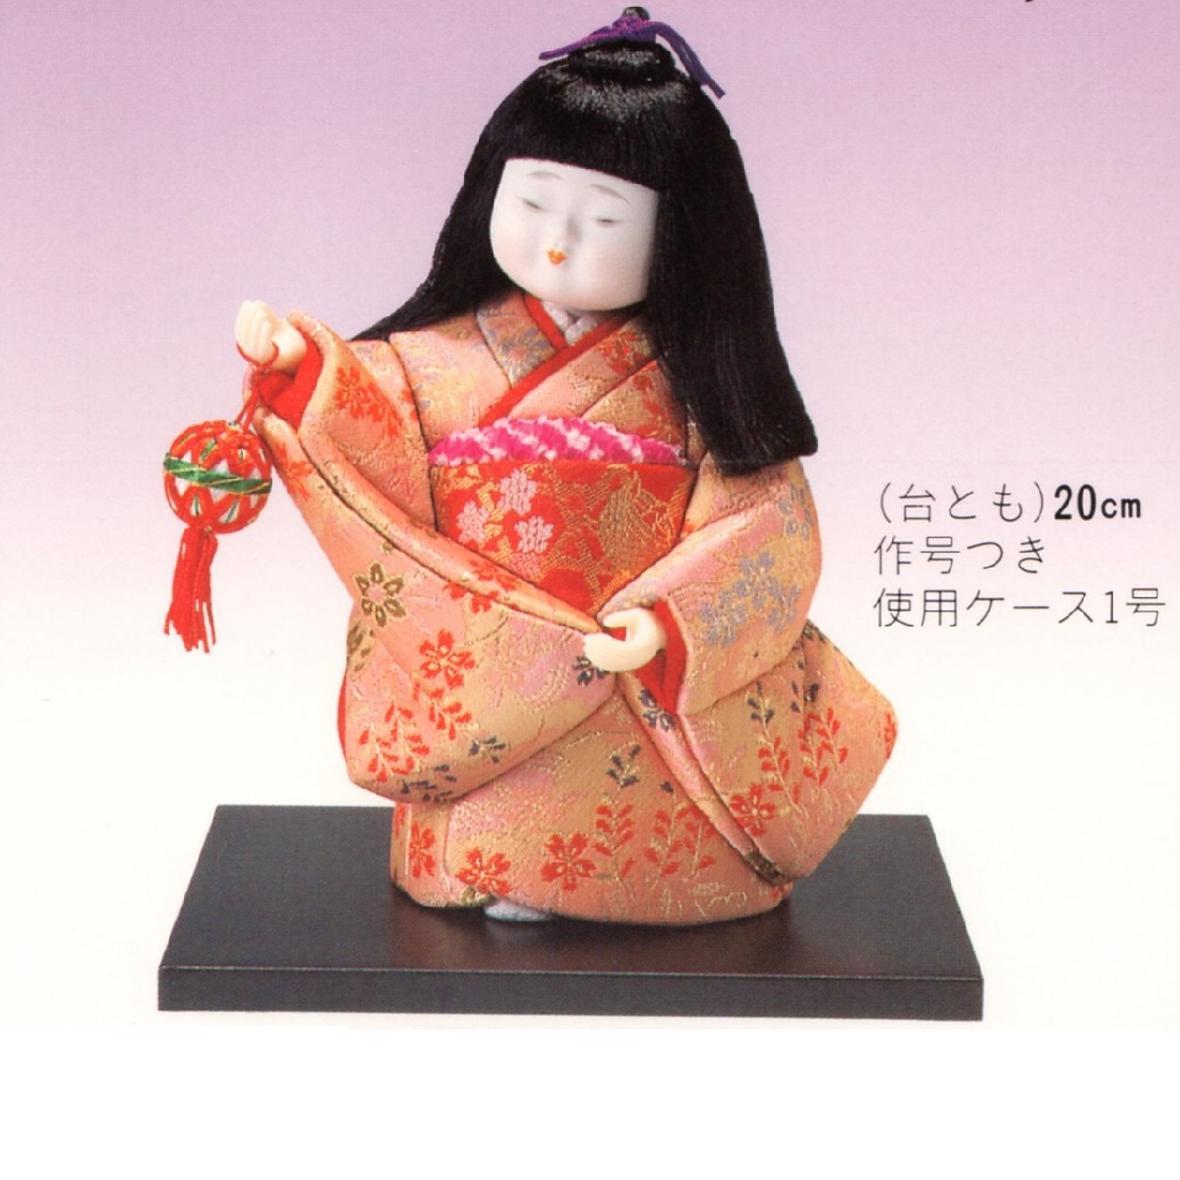 東芸 木目込人形キット「童女・わらべうた」 H130-01